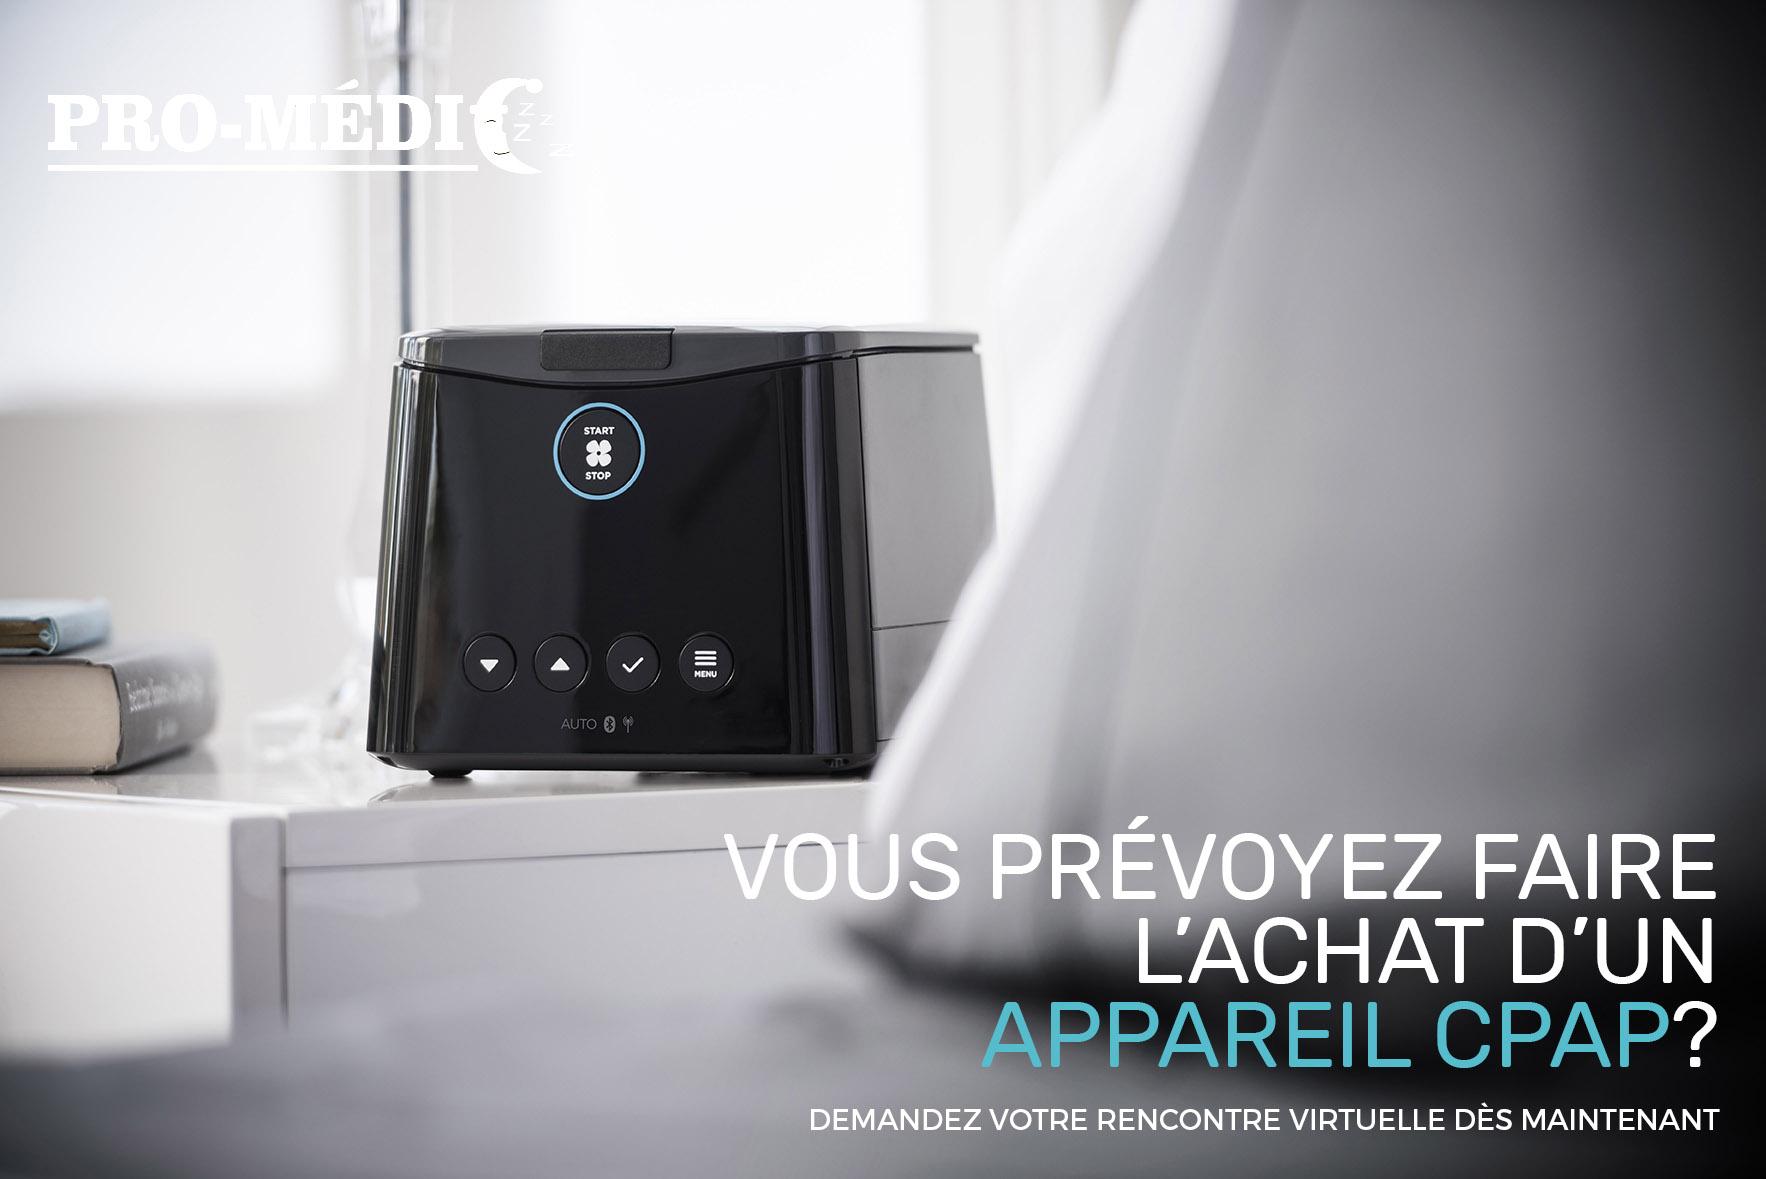 Demandez votre rencontre virtuelle préalable - achat d'un appareil CPAP - Pro-médic senc Joliette